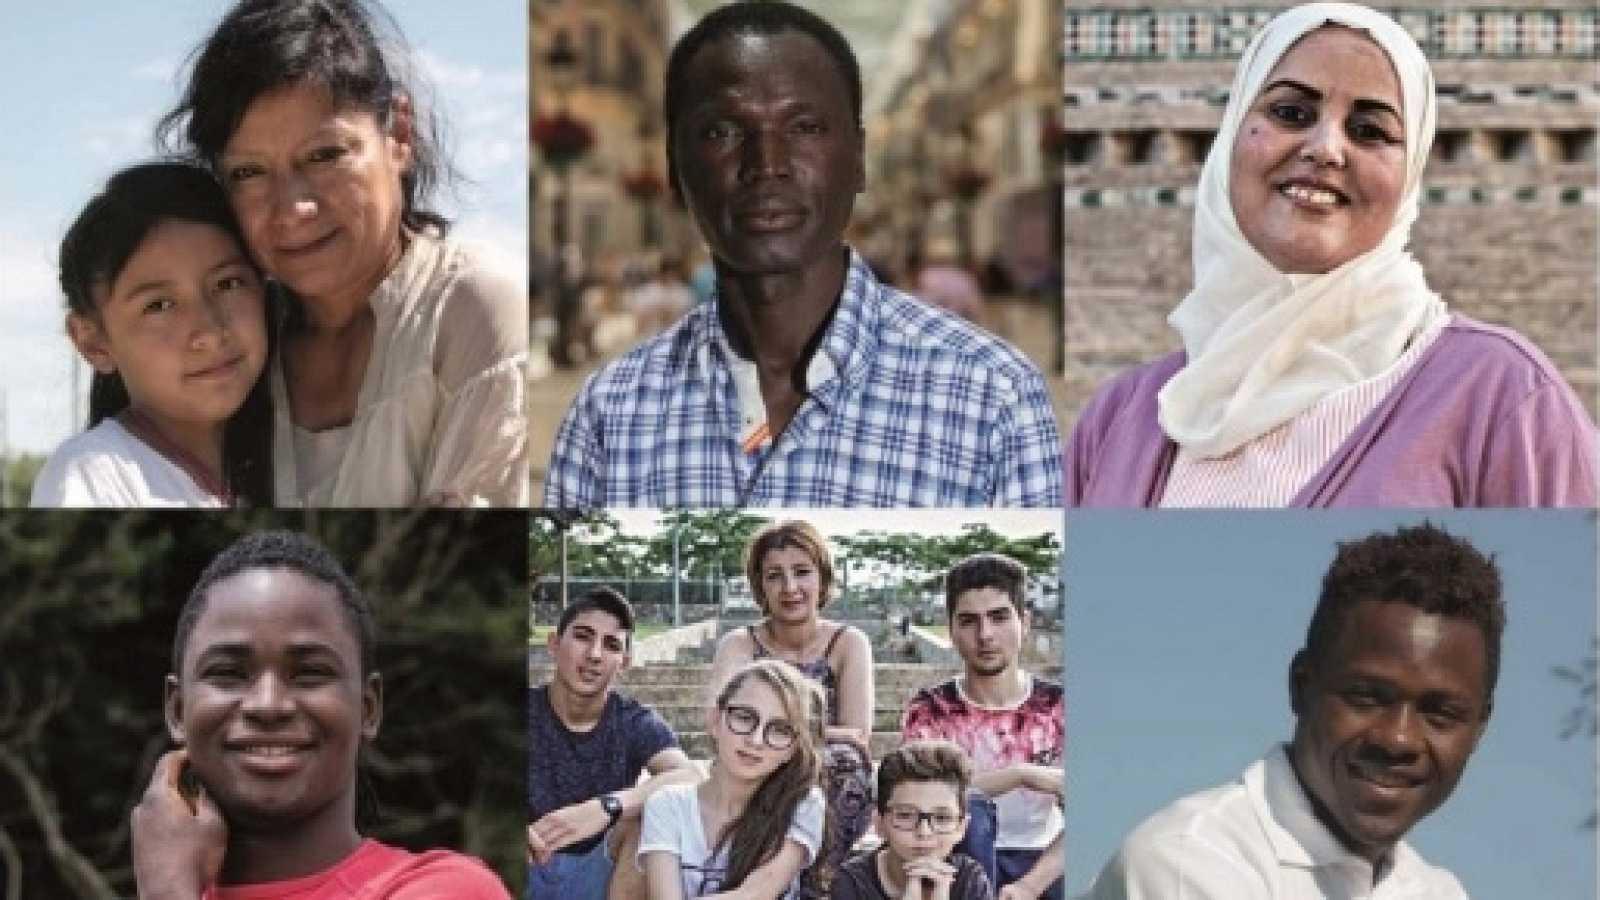 Mundo solidario - 'Compartiendo el viaje', campaña de Cáritas - 22/11/20 - escuchar ahora